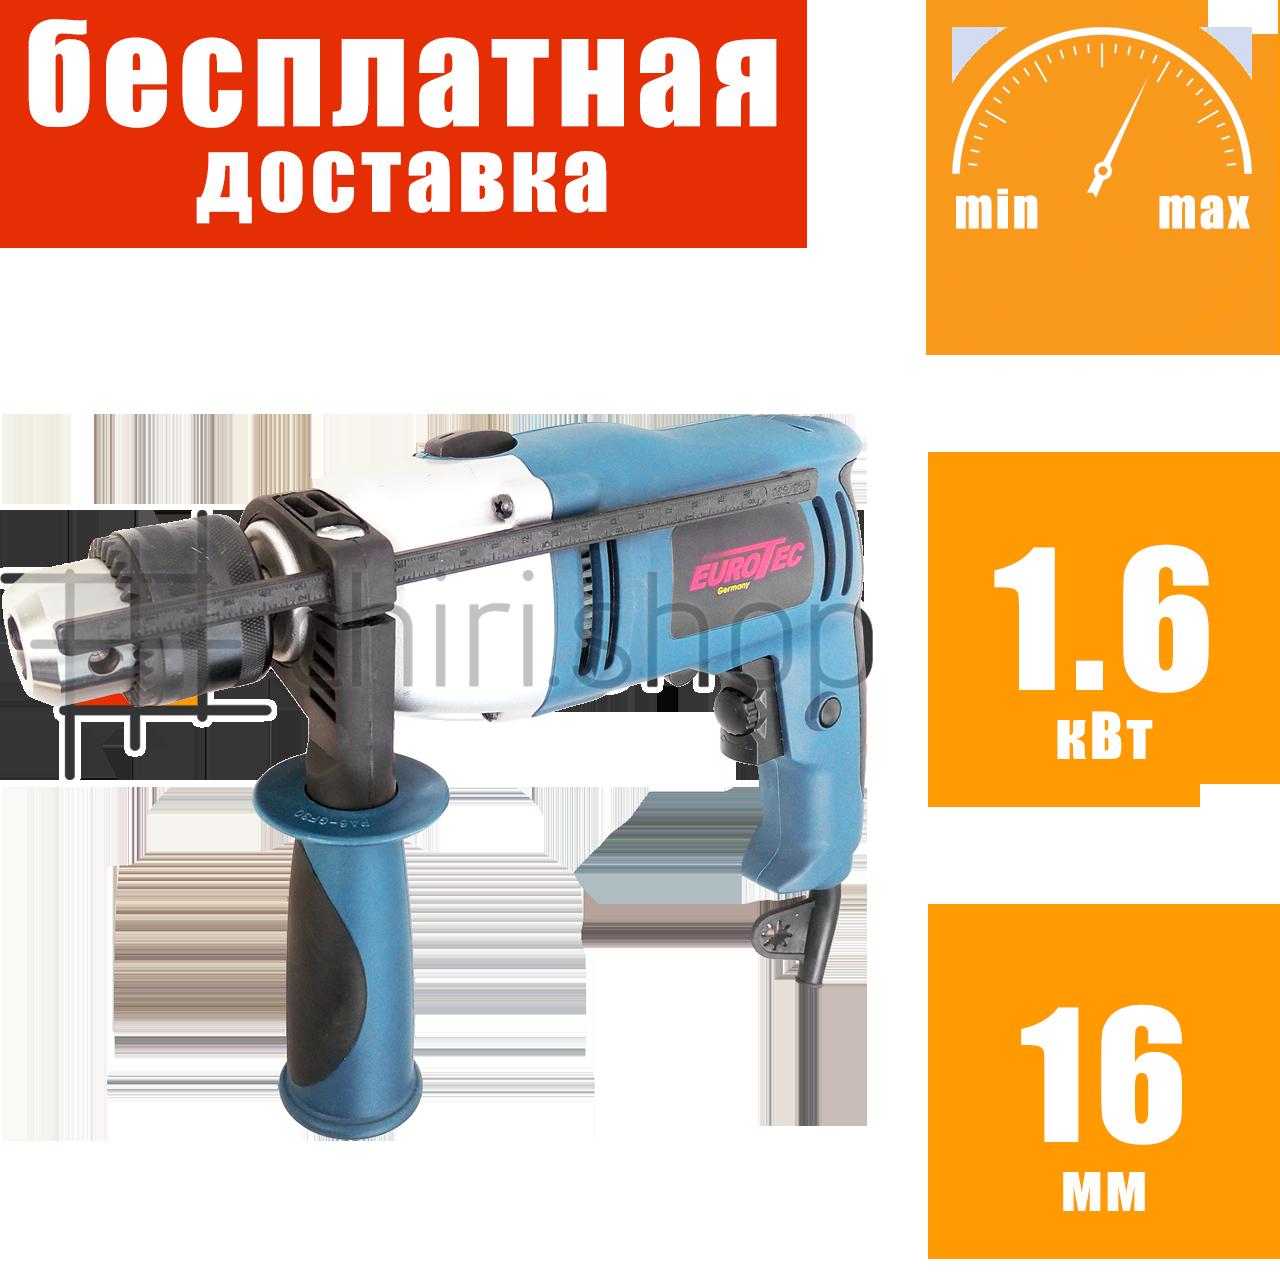 Ударная дрель Eurotec ID 241, патрон 16 мм на ключ, электродрель с регуляцией и реверсом